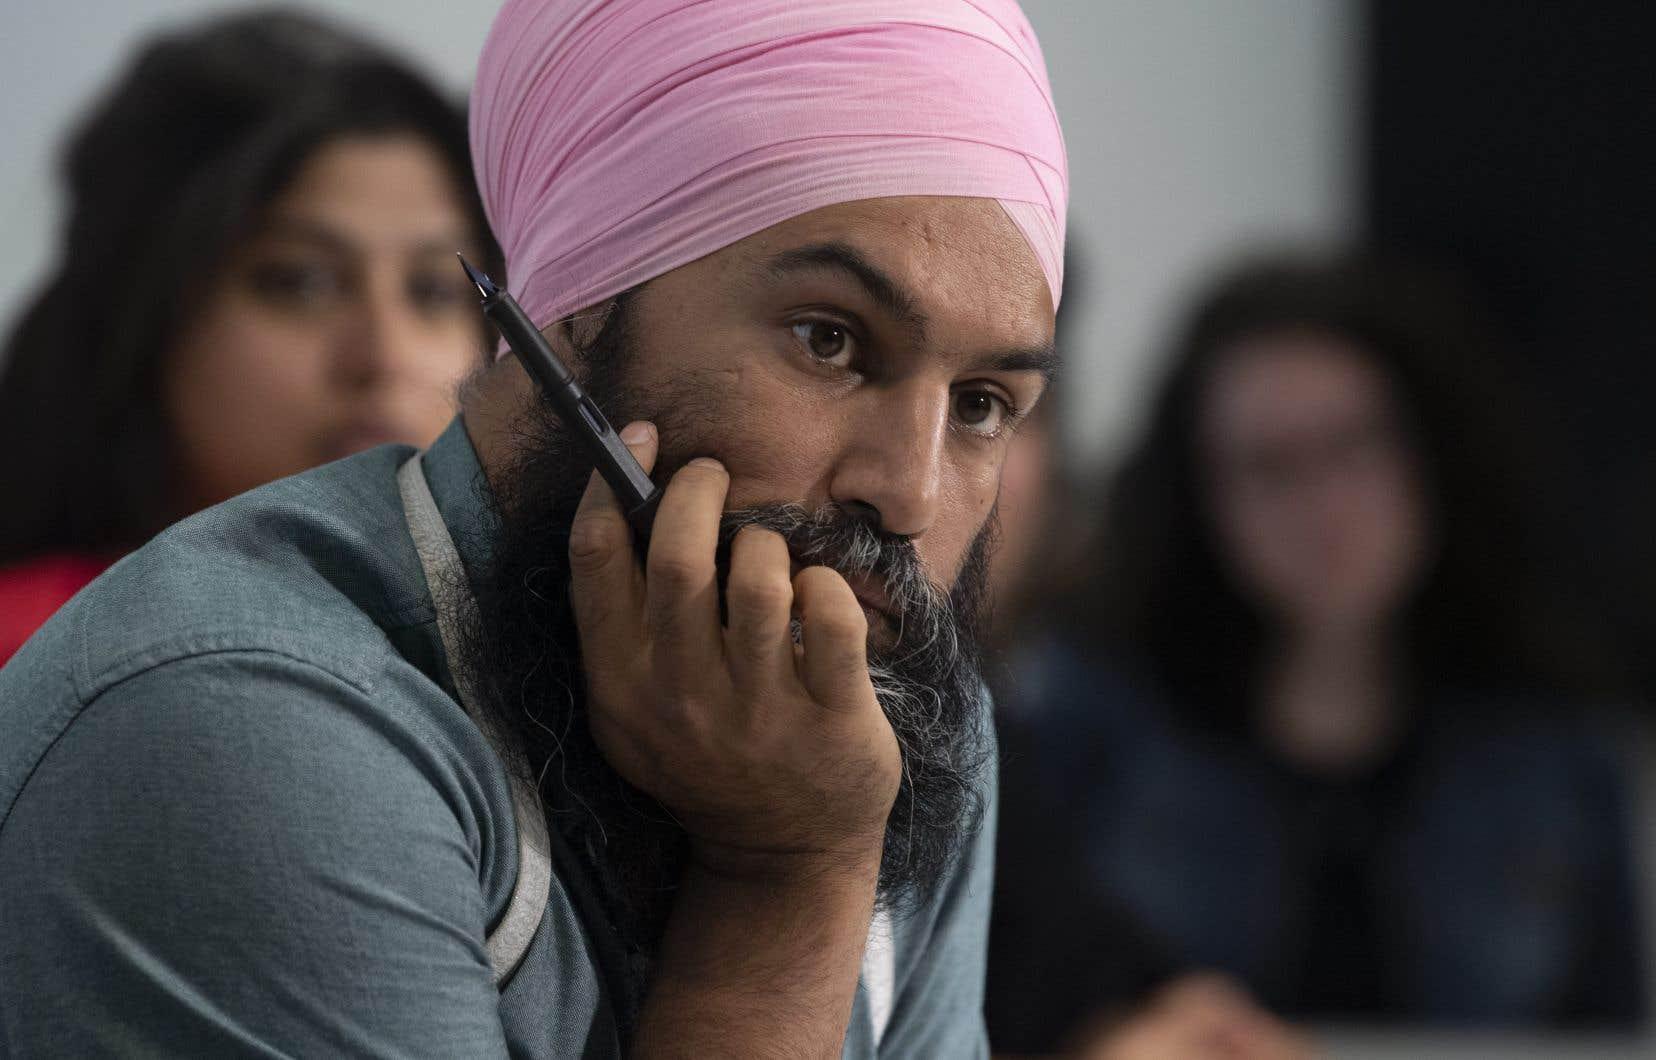 À la suite des révélations sur Justin Trudeau, l'équipe libérale avait rapidement contacté les néo-démocrates pour organiser un entretien avec Jagmeet Singh, la seule personne racisée à diriger l'un des principaux partis fédéraux.